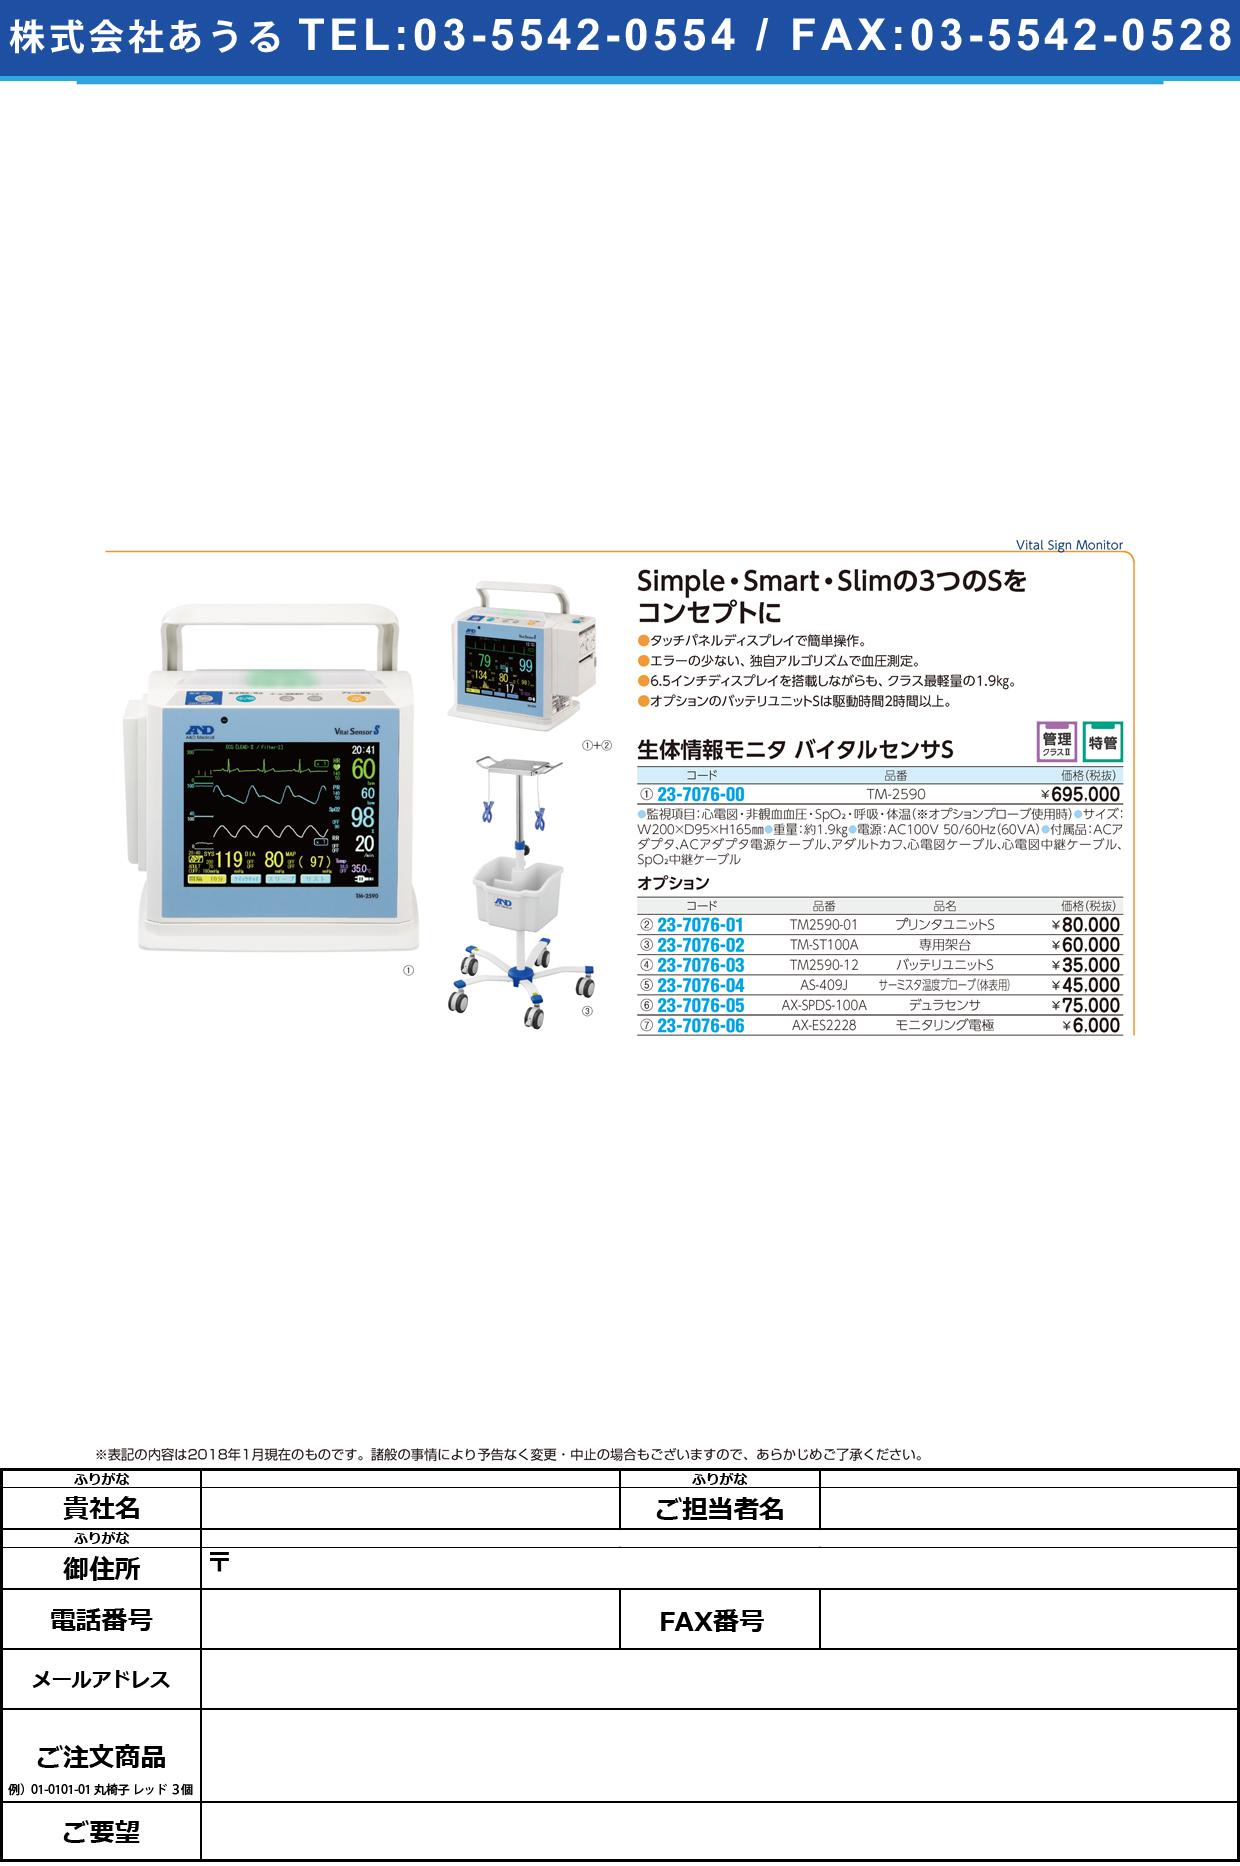 (23-7076-00)バイタルセンサS TM-2590 バイタルセンサS(エー・アンド・デイ)【1台単位】【2018年カタログ商品】